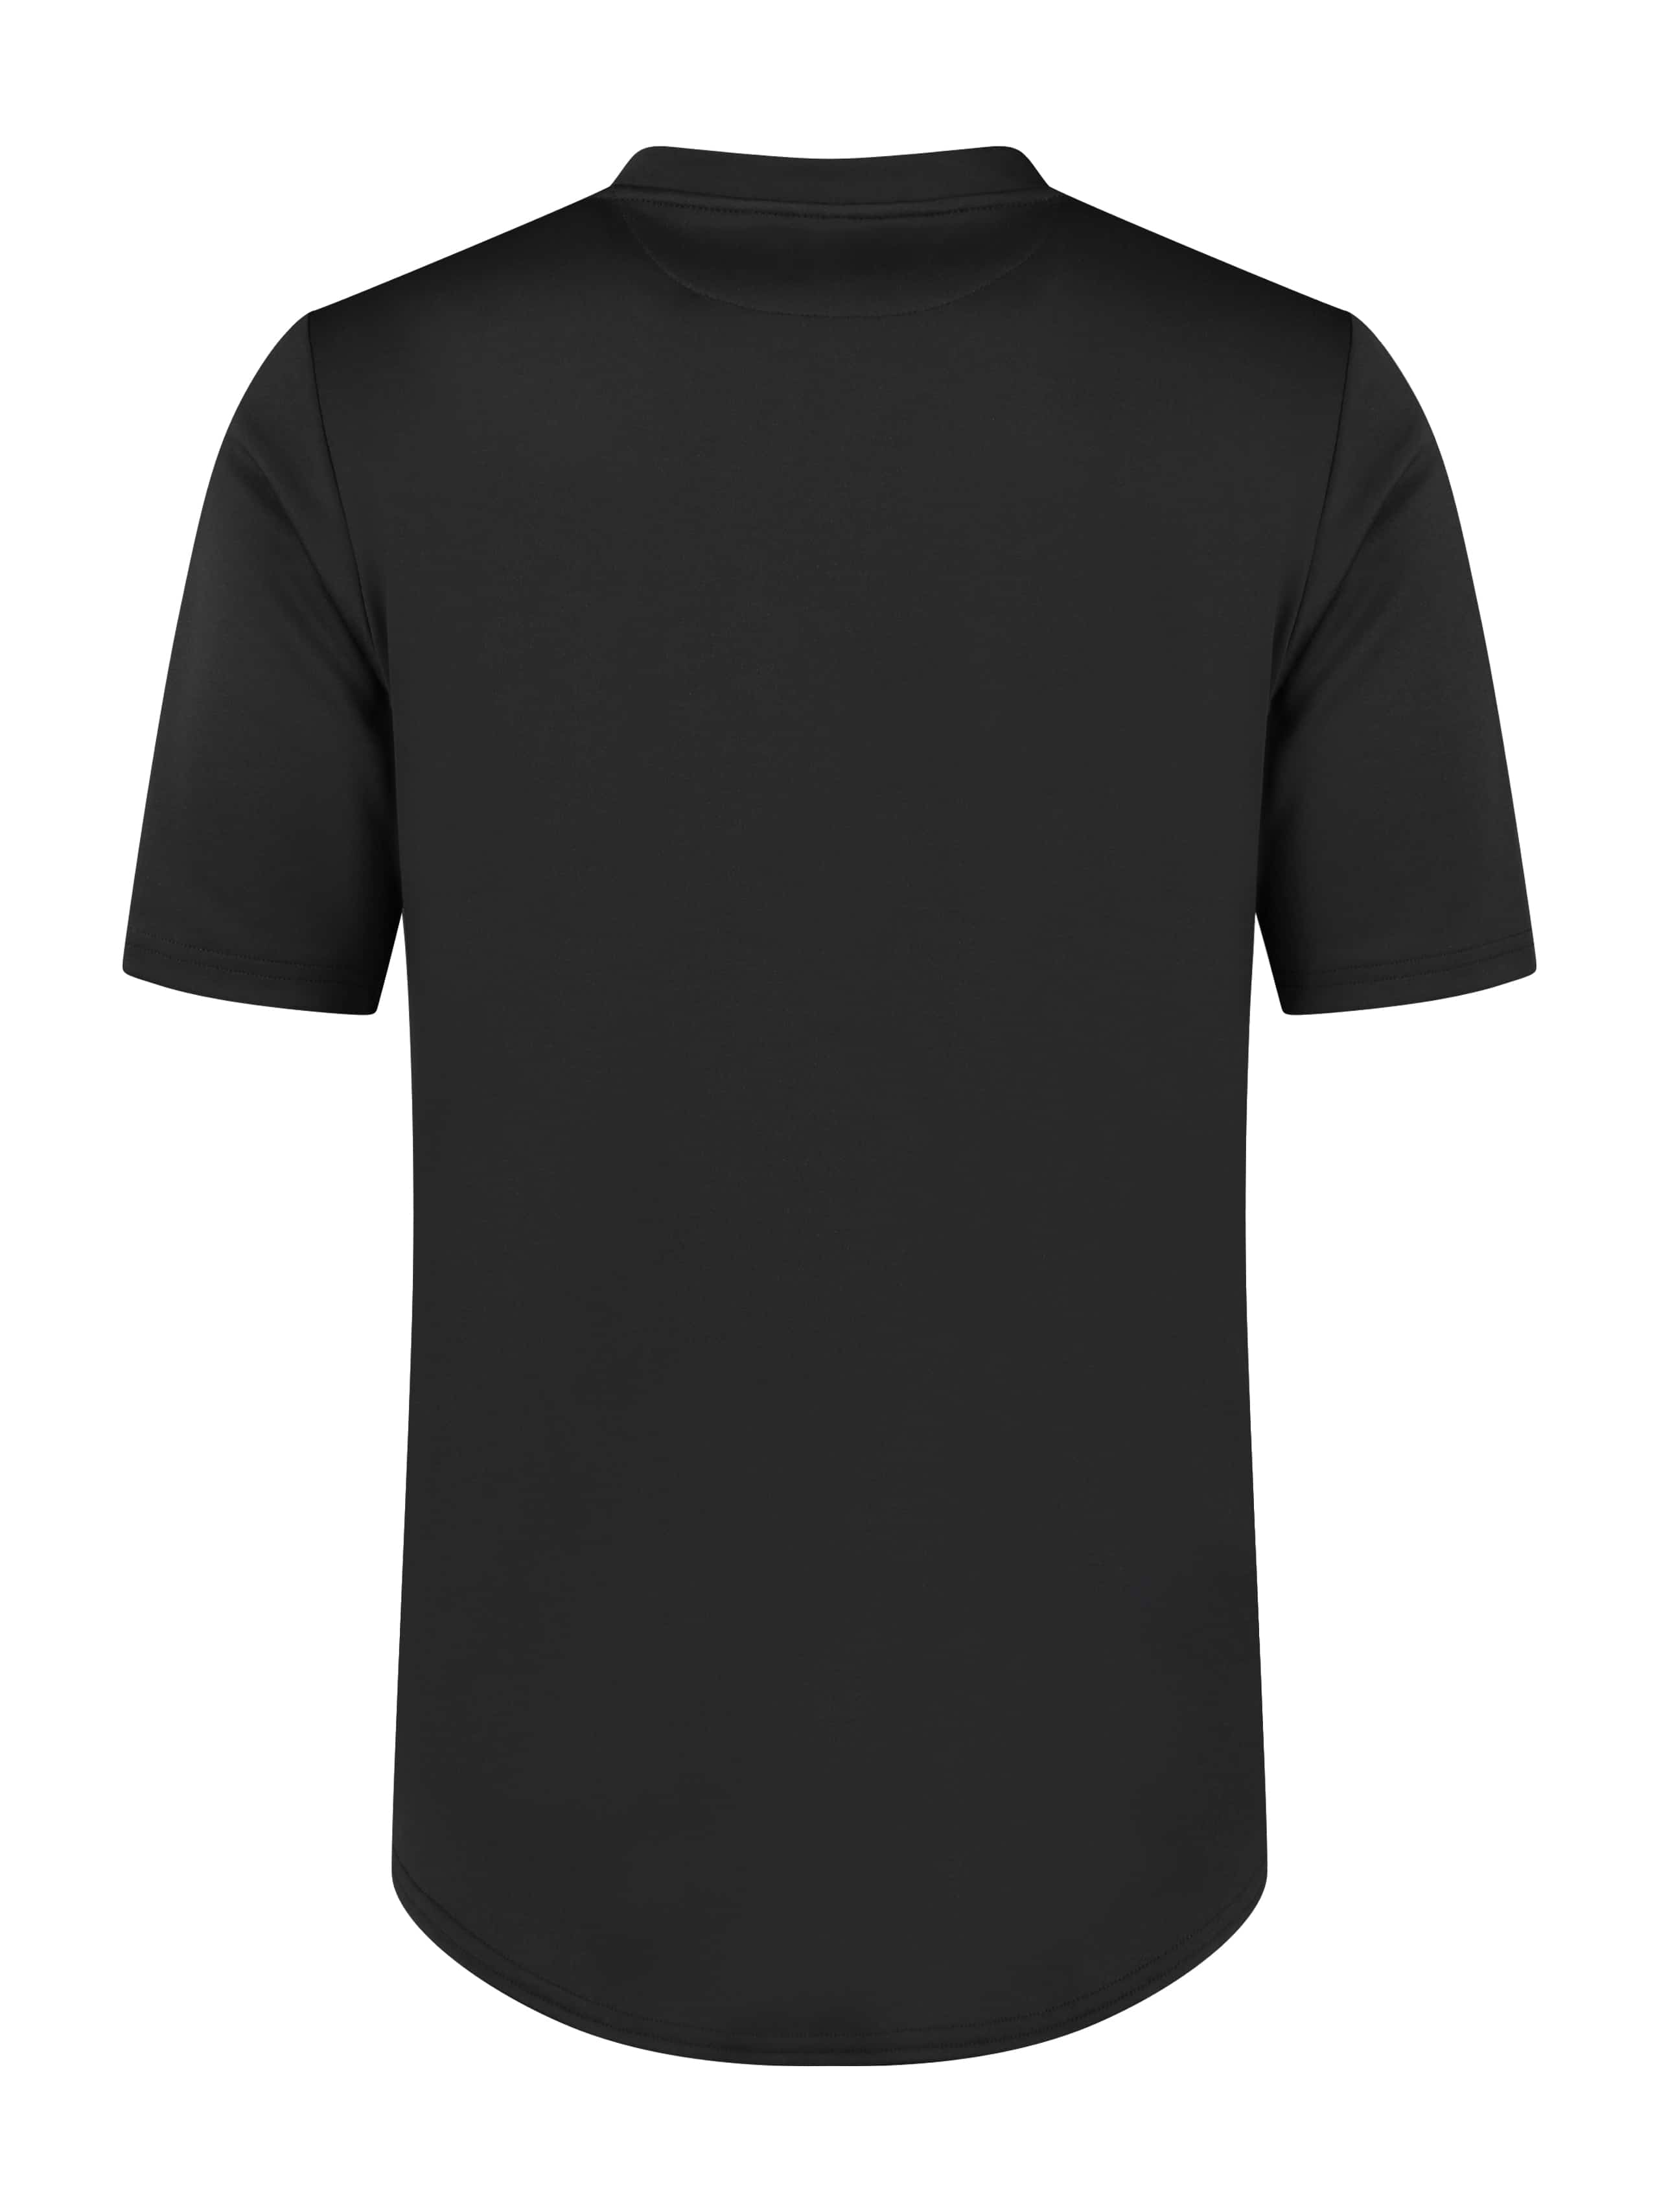 T-Shirt Fico Black